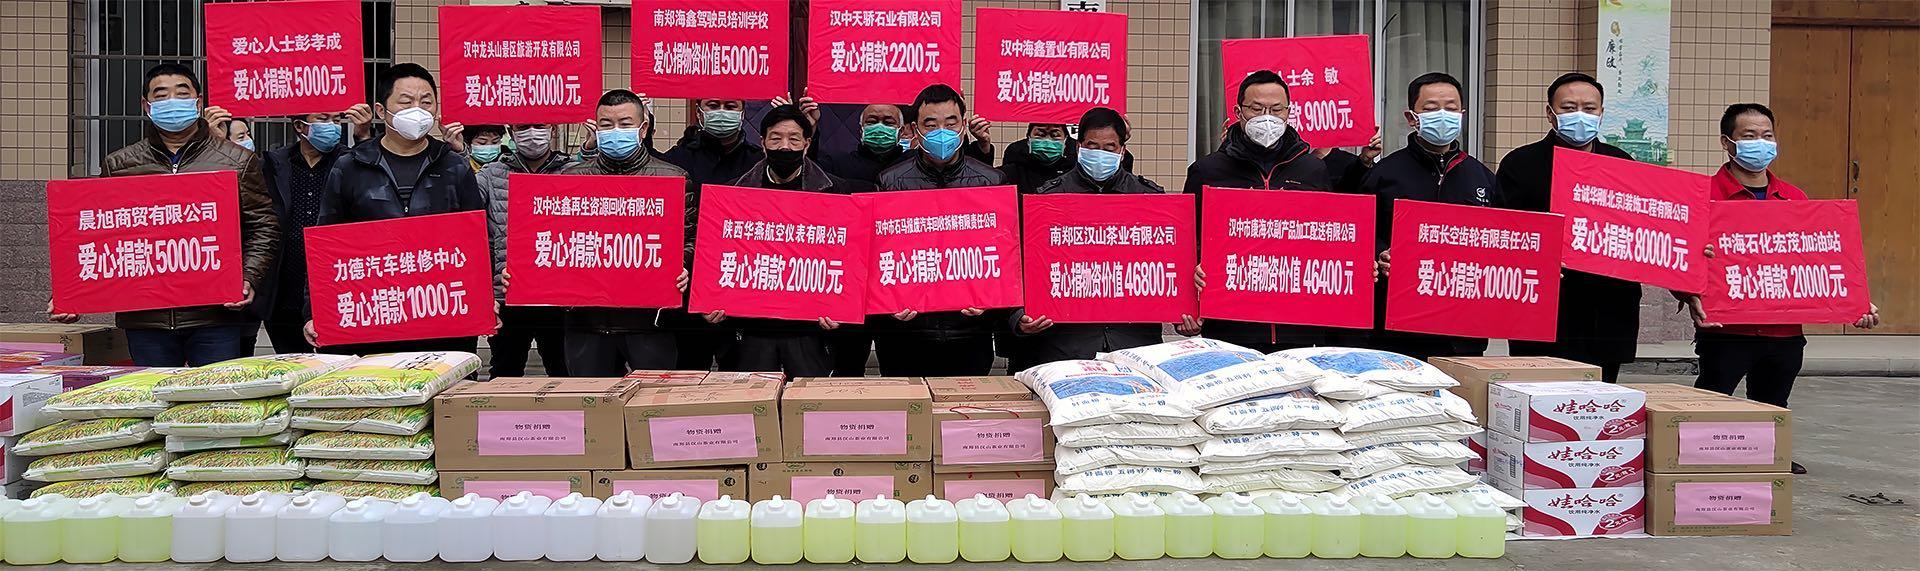 众志成城.共同抗疫——南郑区举行第三批新冠肺炎疫情捐赠仪式